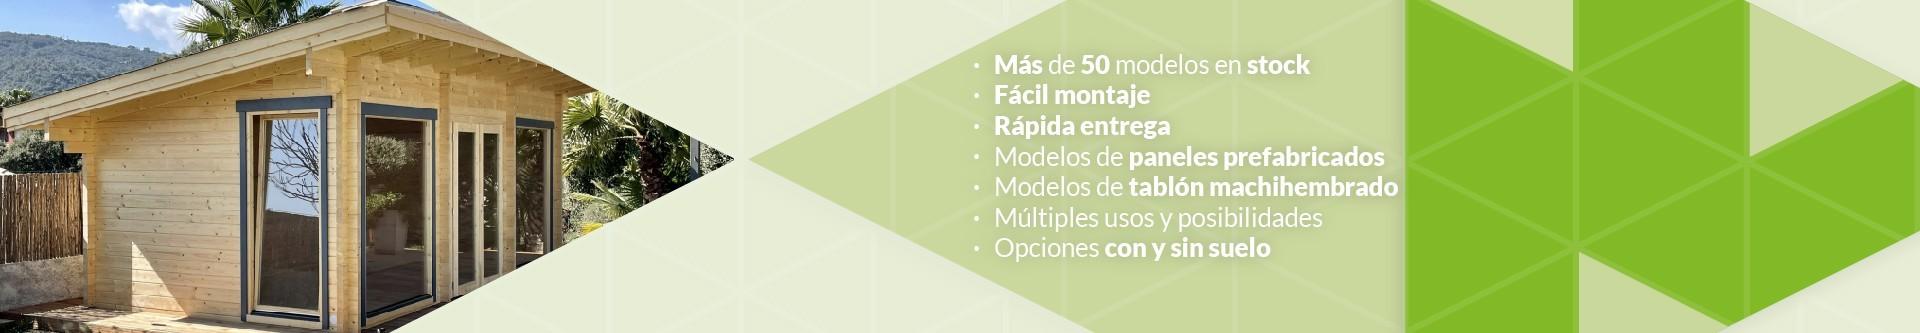 Casetas de jardín | Casetas de madera | Casetas para terraza